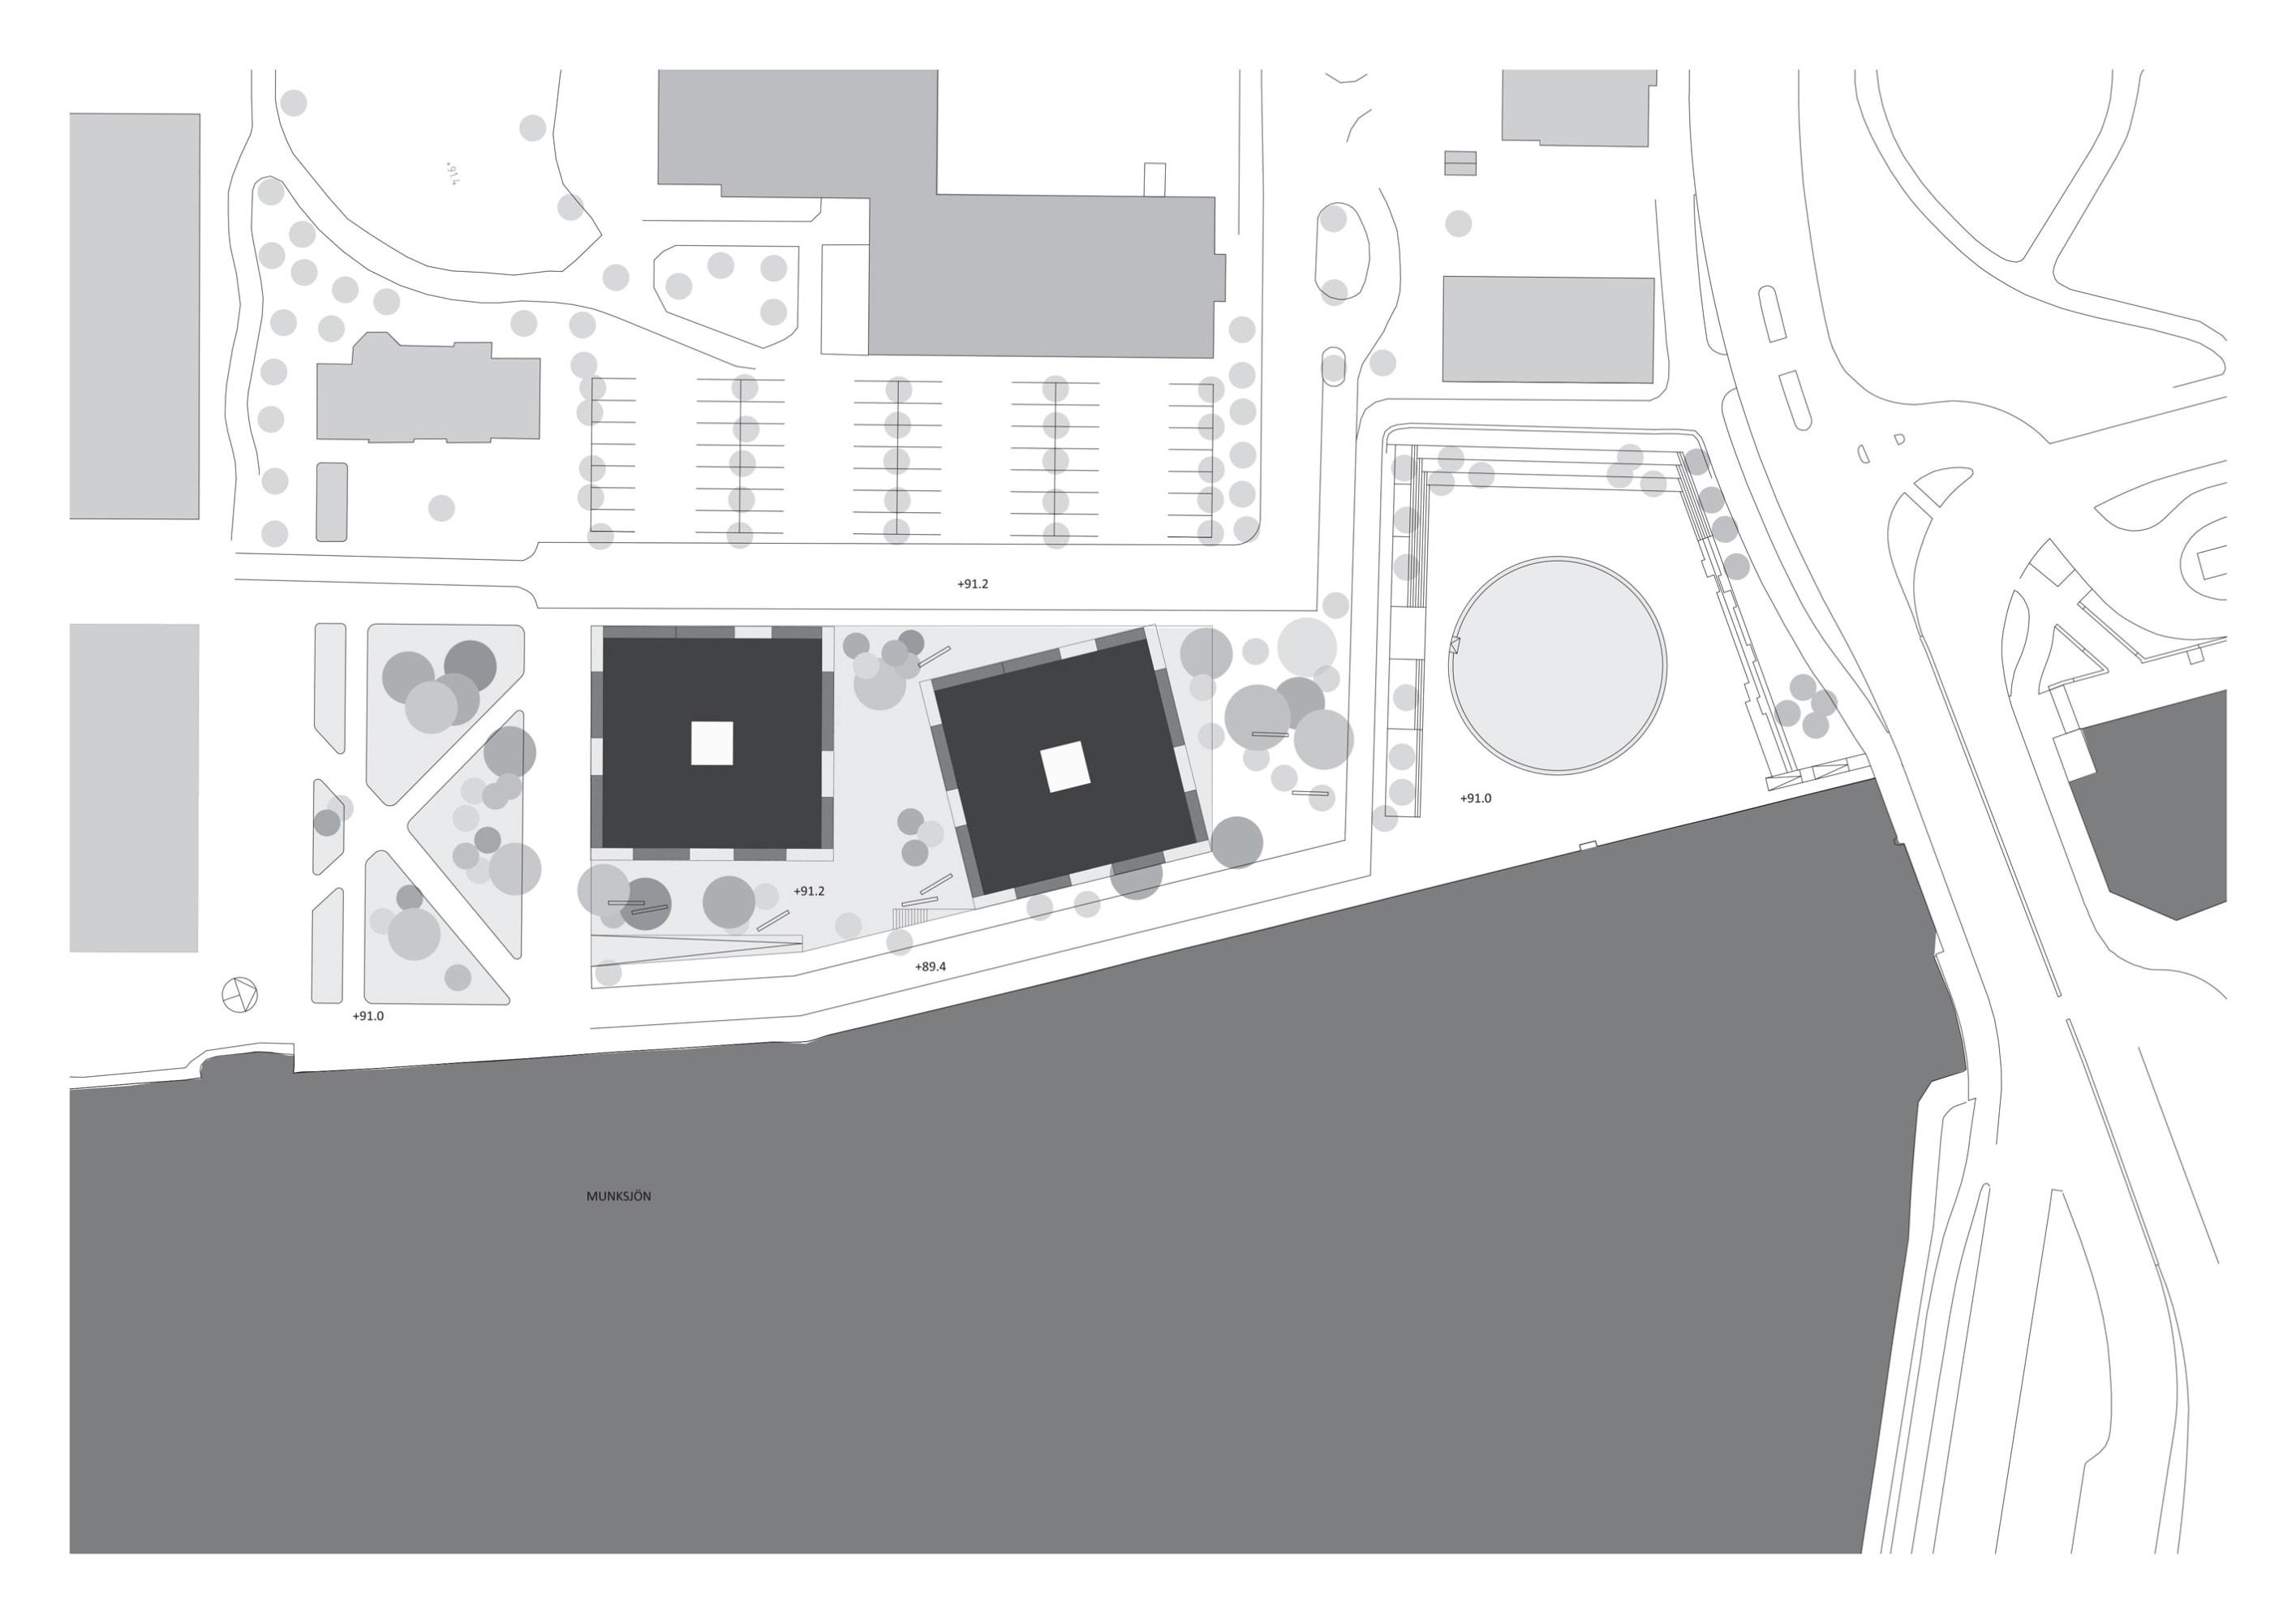 Tham & Videg¥rd …ke E son Lindman · Västra Kajen Housing